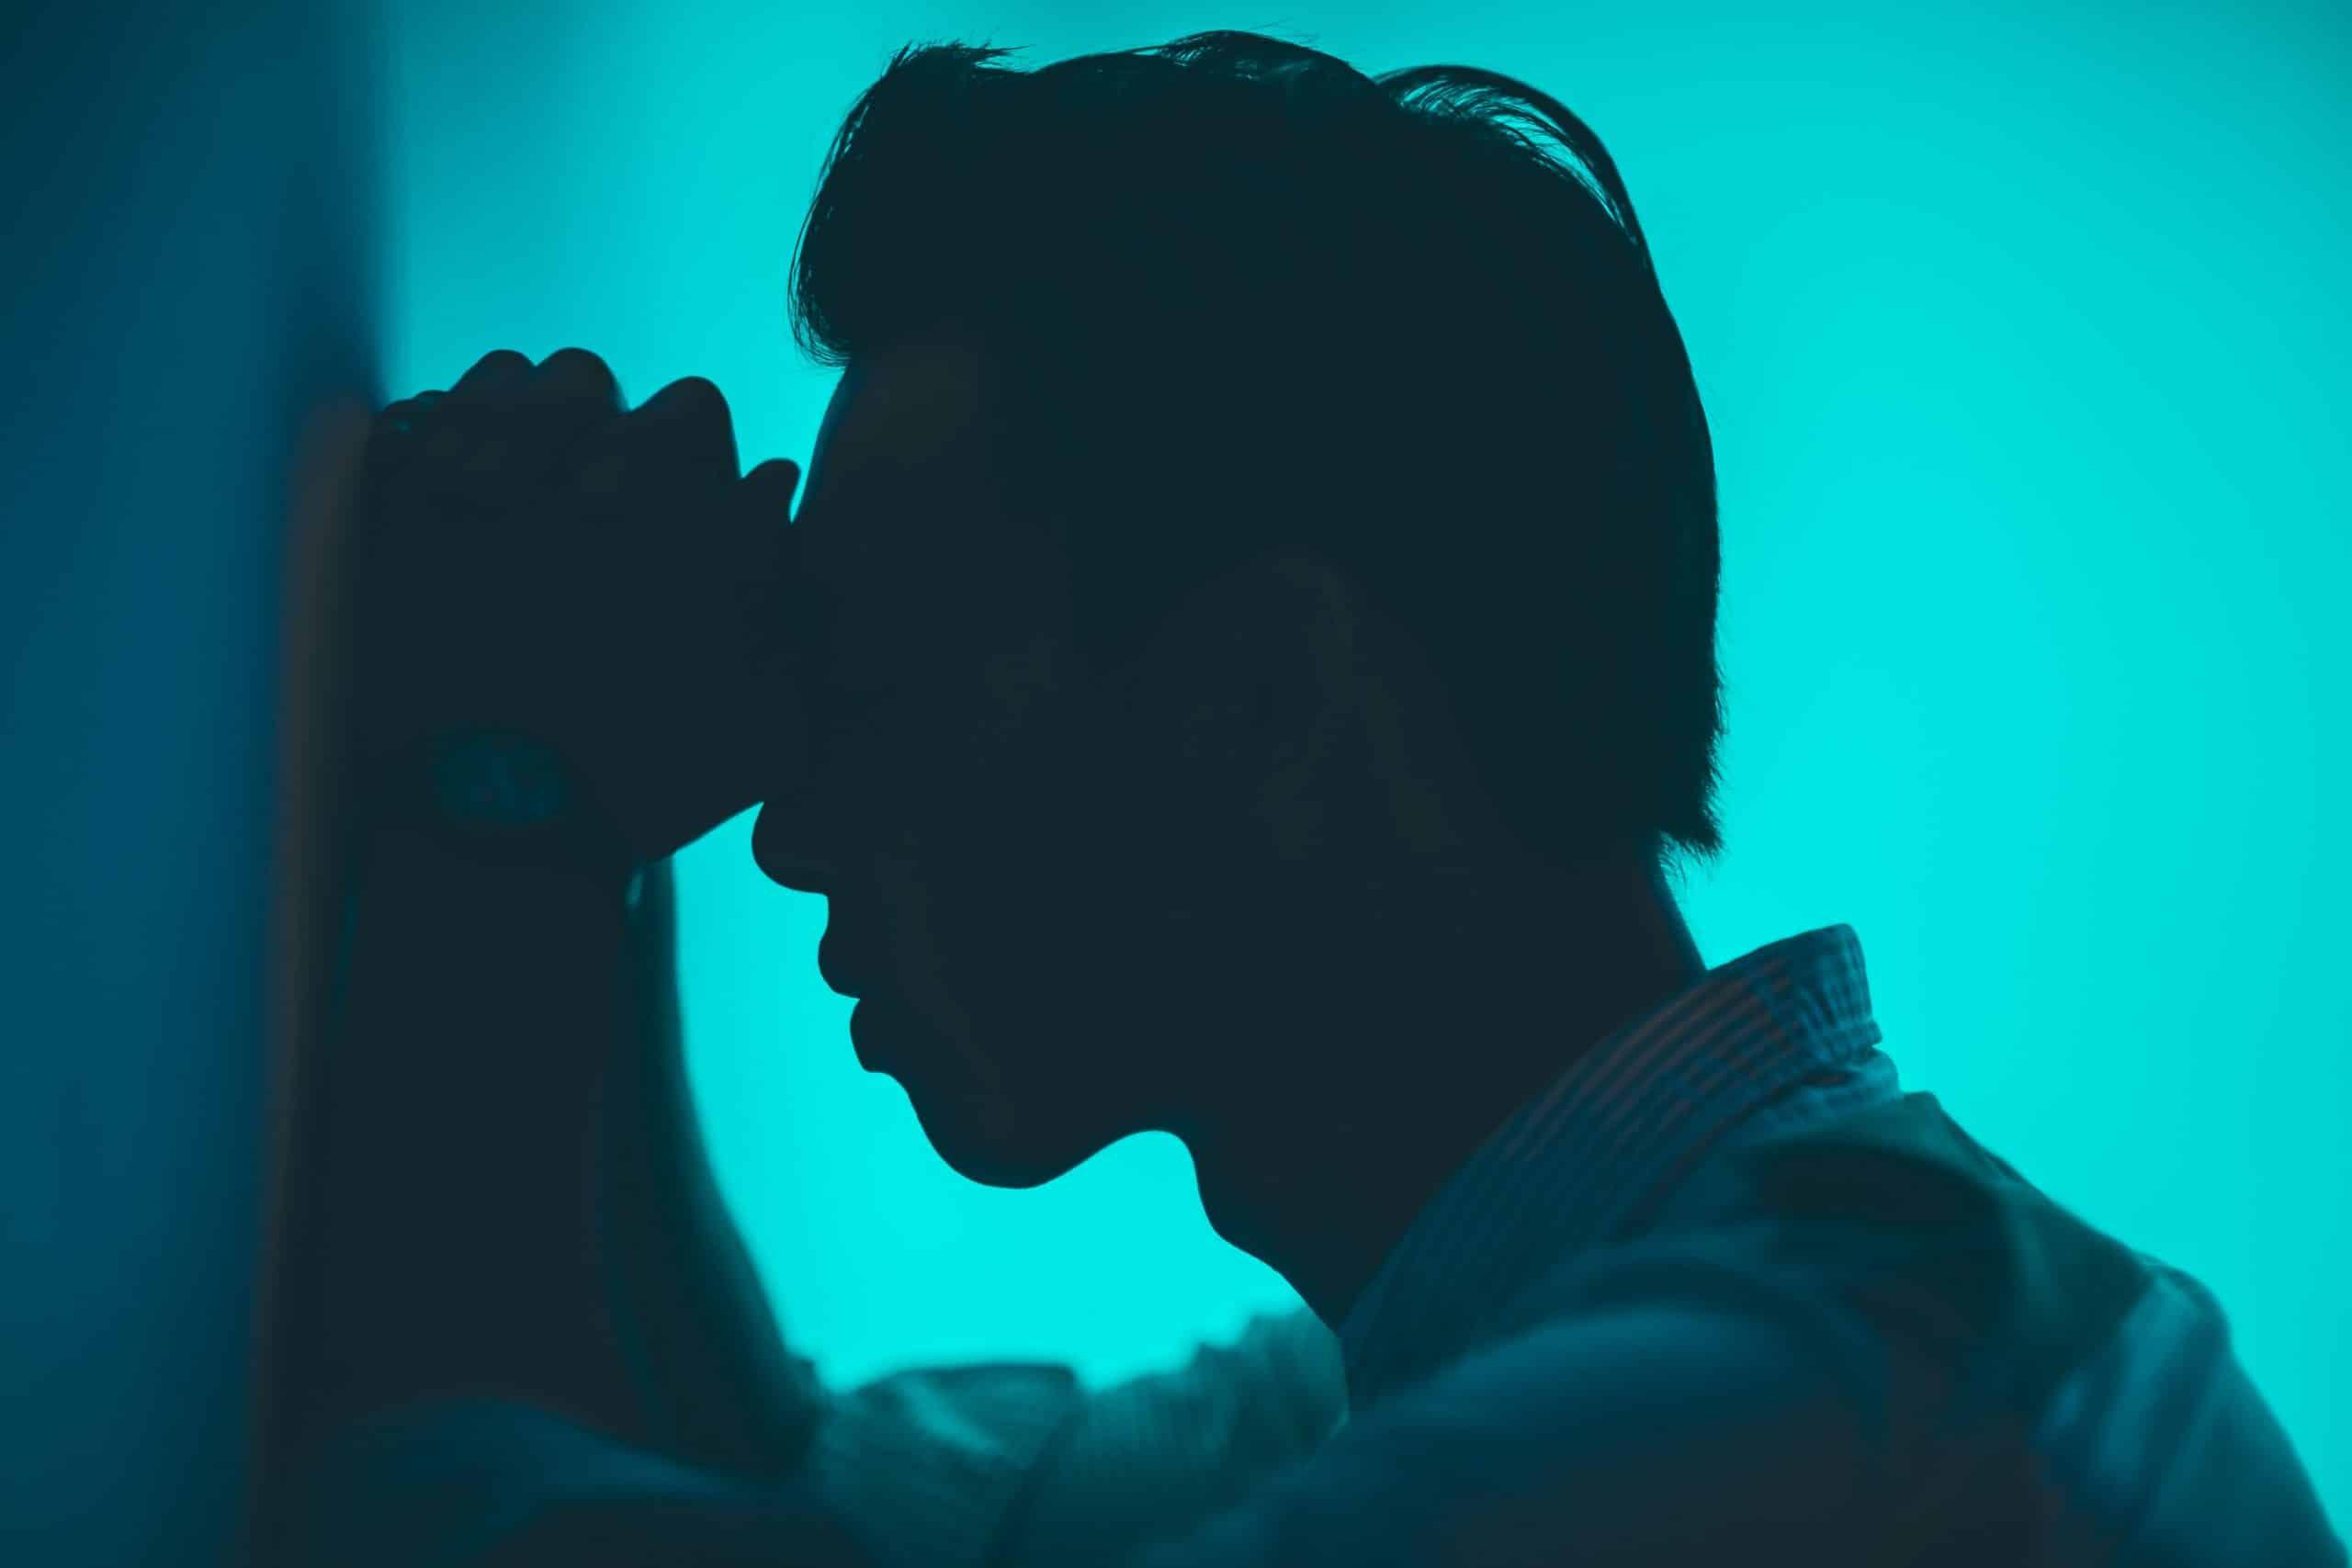 Silhueta de um homem de perfil com o rosto apoiado em suas mãos fechadas que encostadas na parede, indicando cansaço, energia negativa.